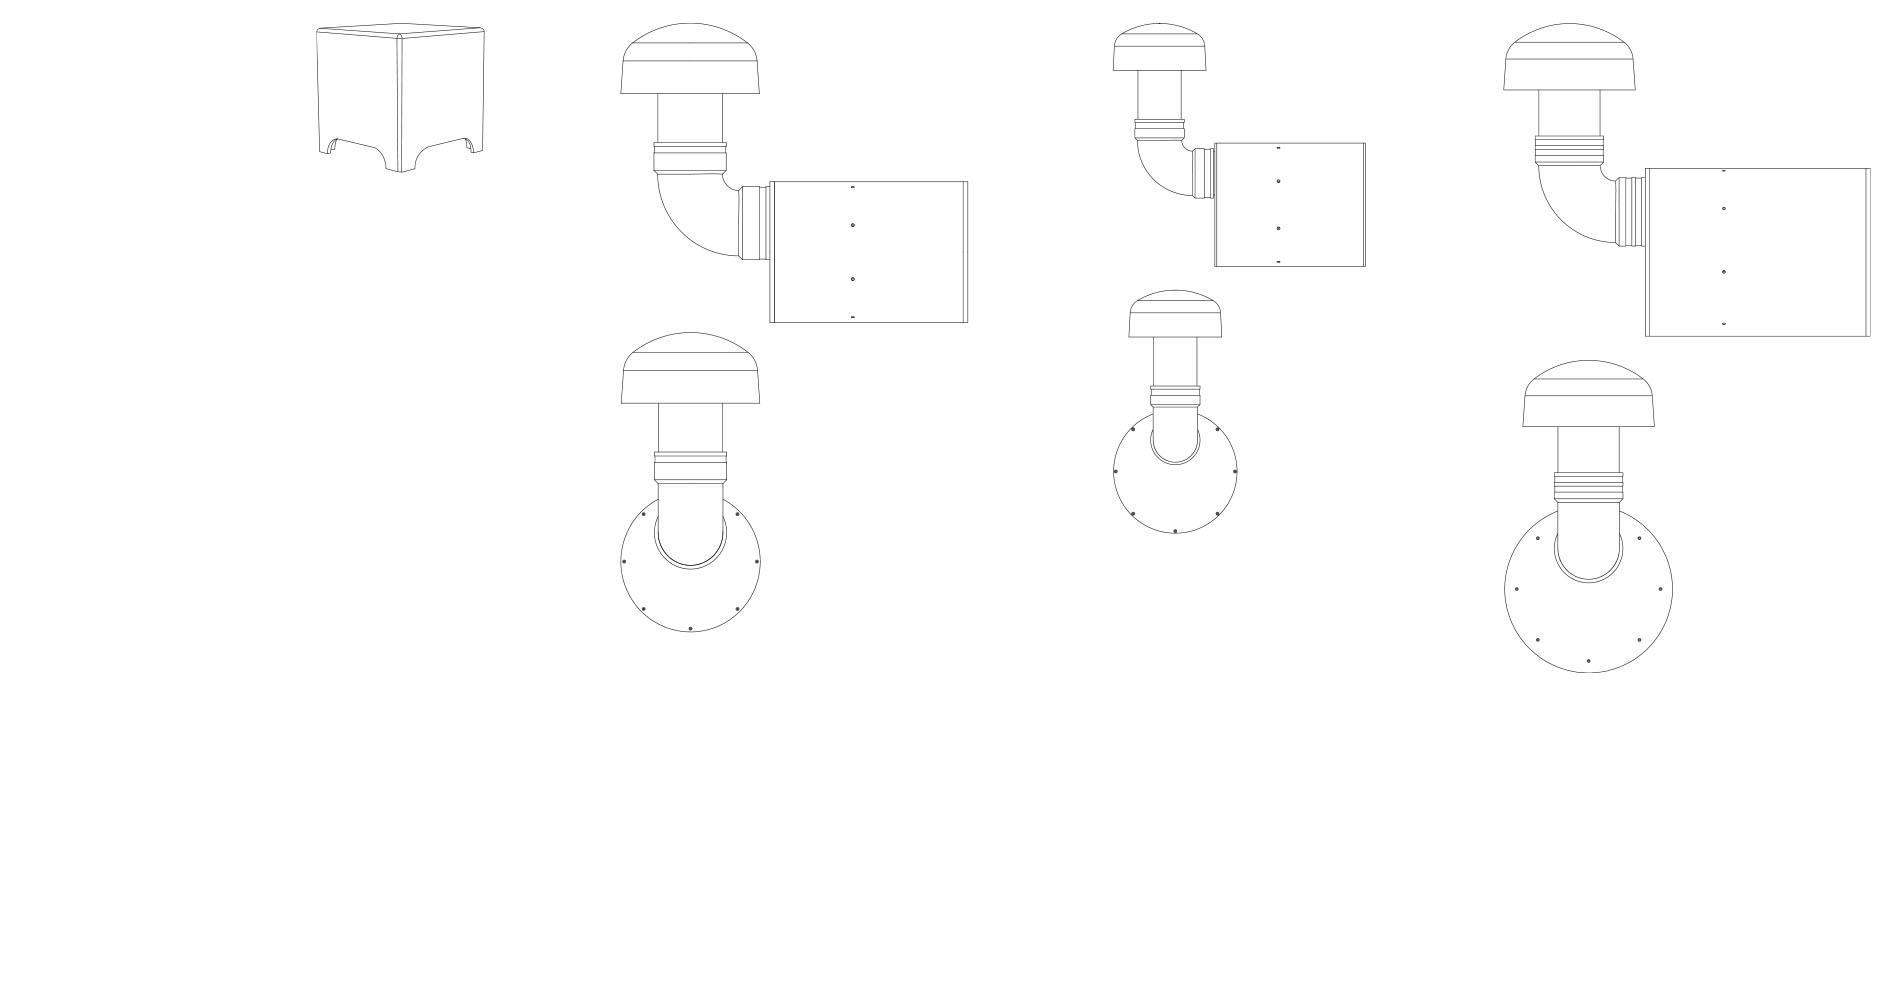 CAD_SLS_Subs_100354